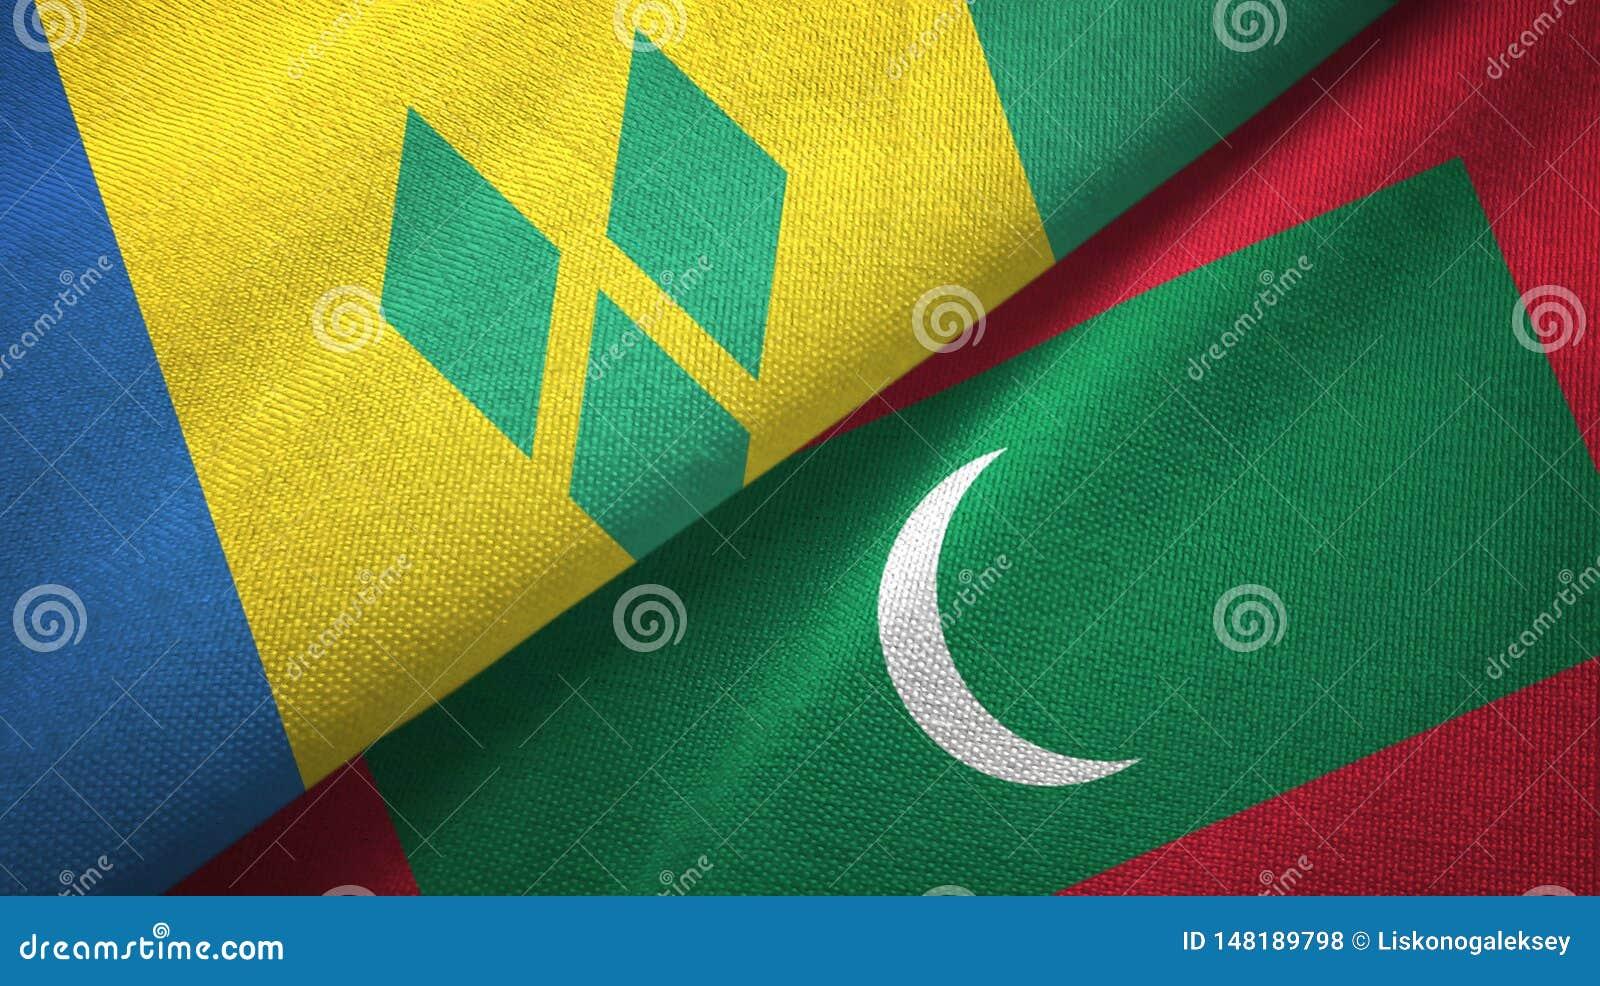 Άγιος Βικέντιος και Γρεναδίνες και Μαλδίβες δύο σημαίες